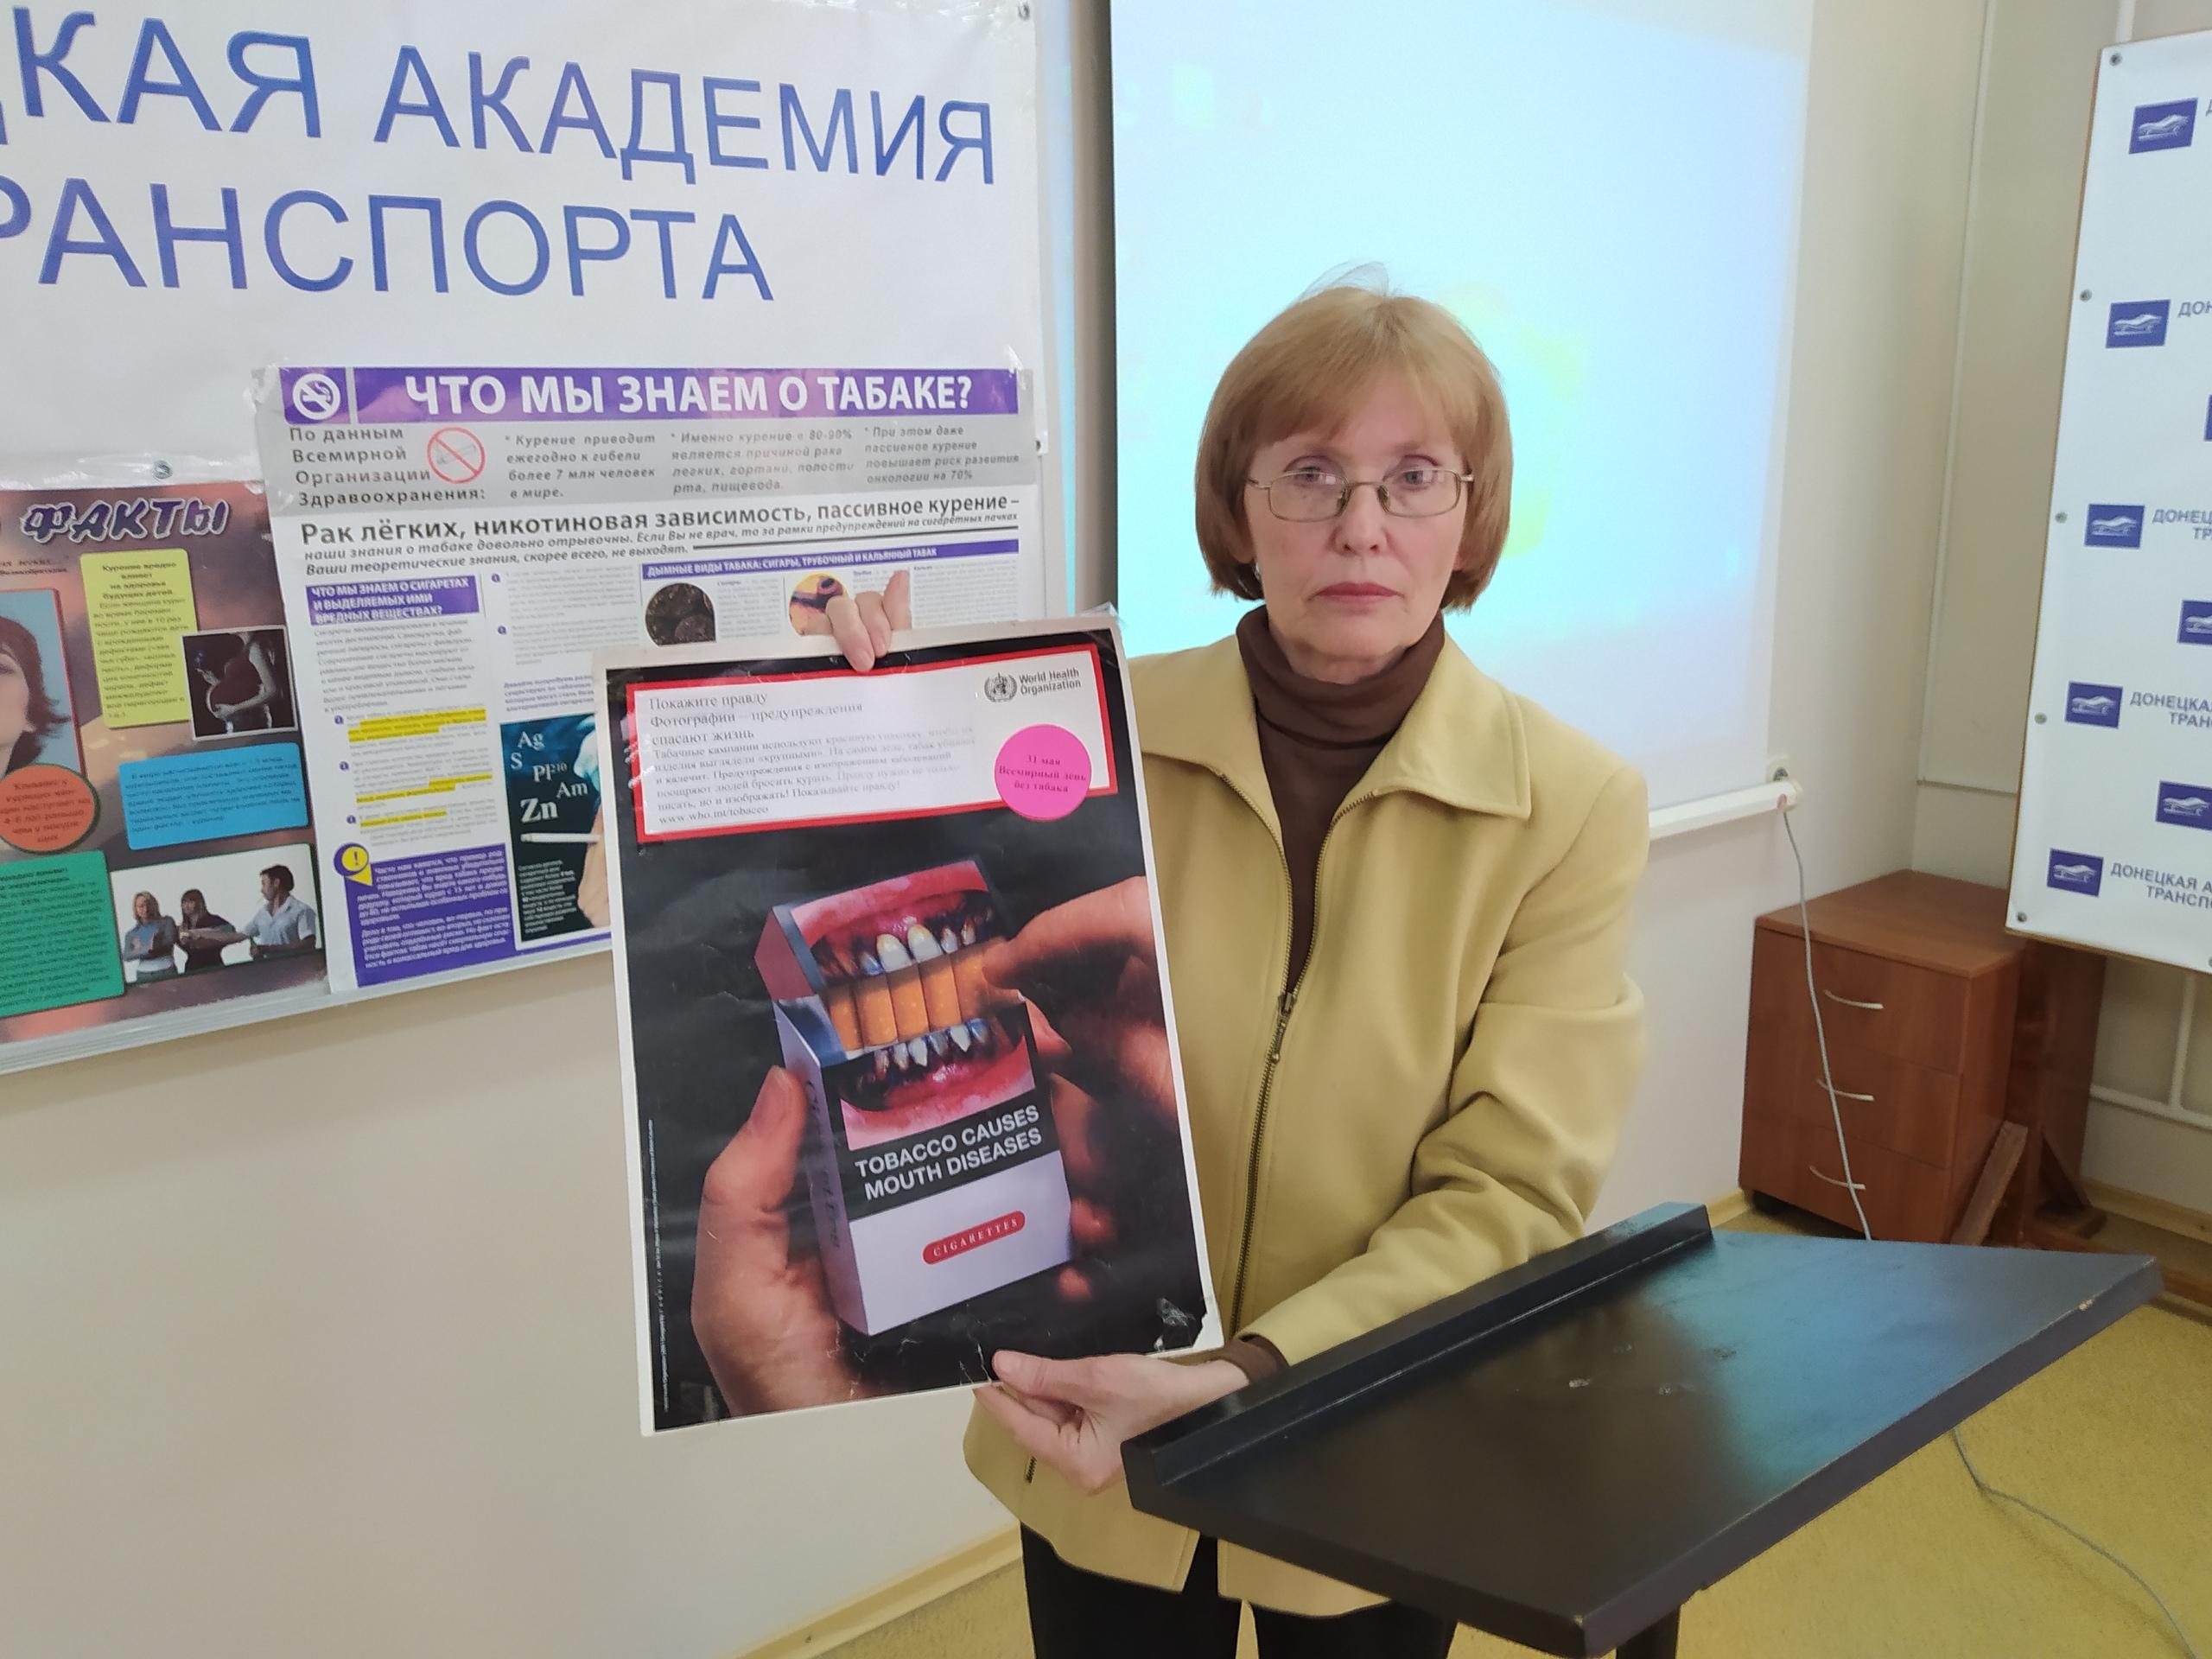 Онлайн лекция «Защитить молодежь» ко Всемирному дню без табака